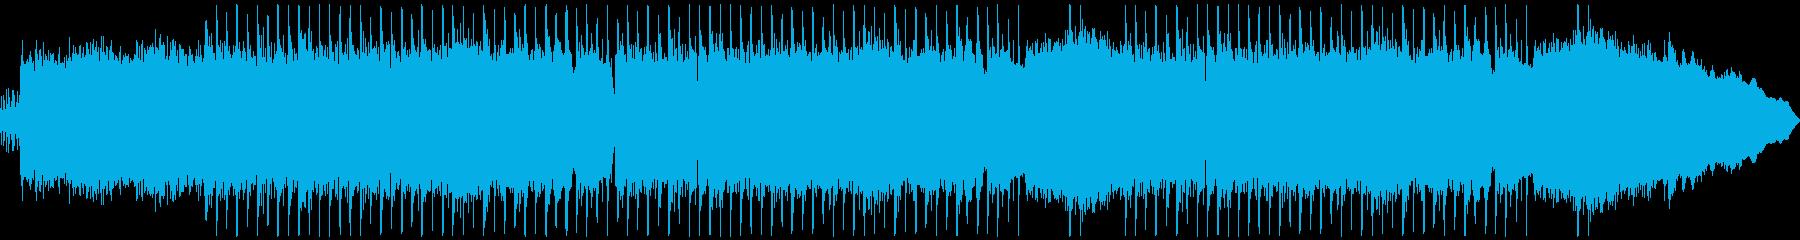 クラシックメタル。モンスターロッキ...の再生済みの波形